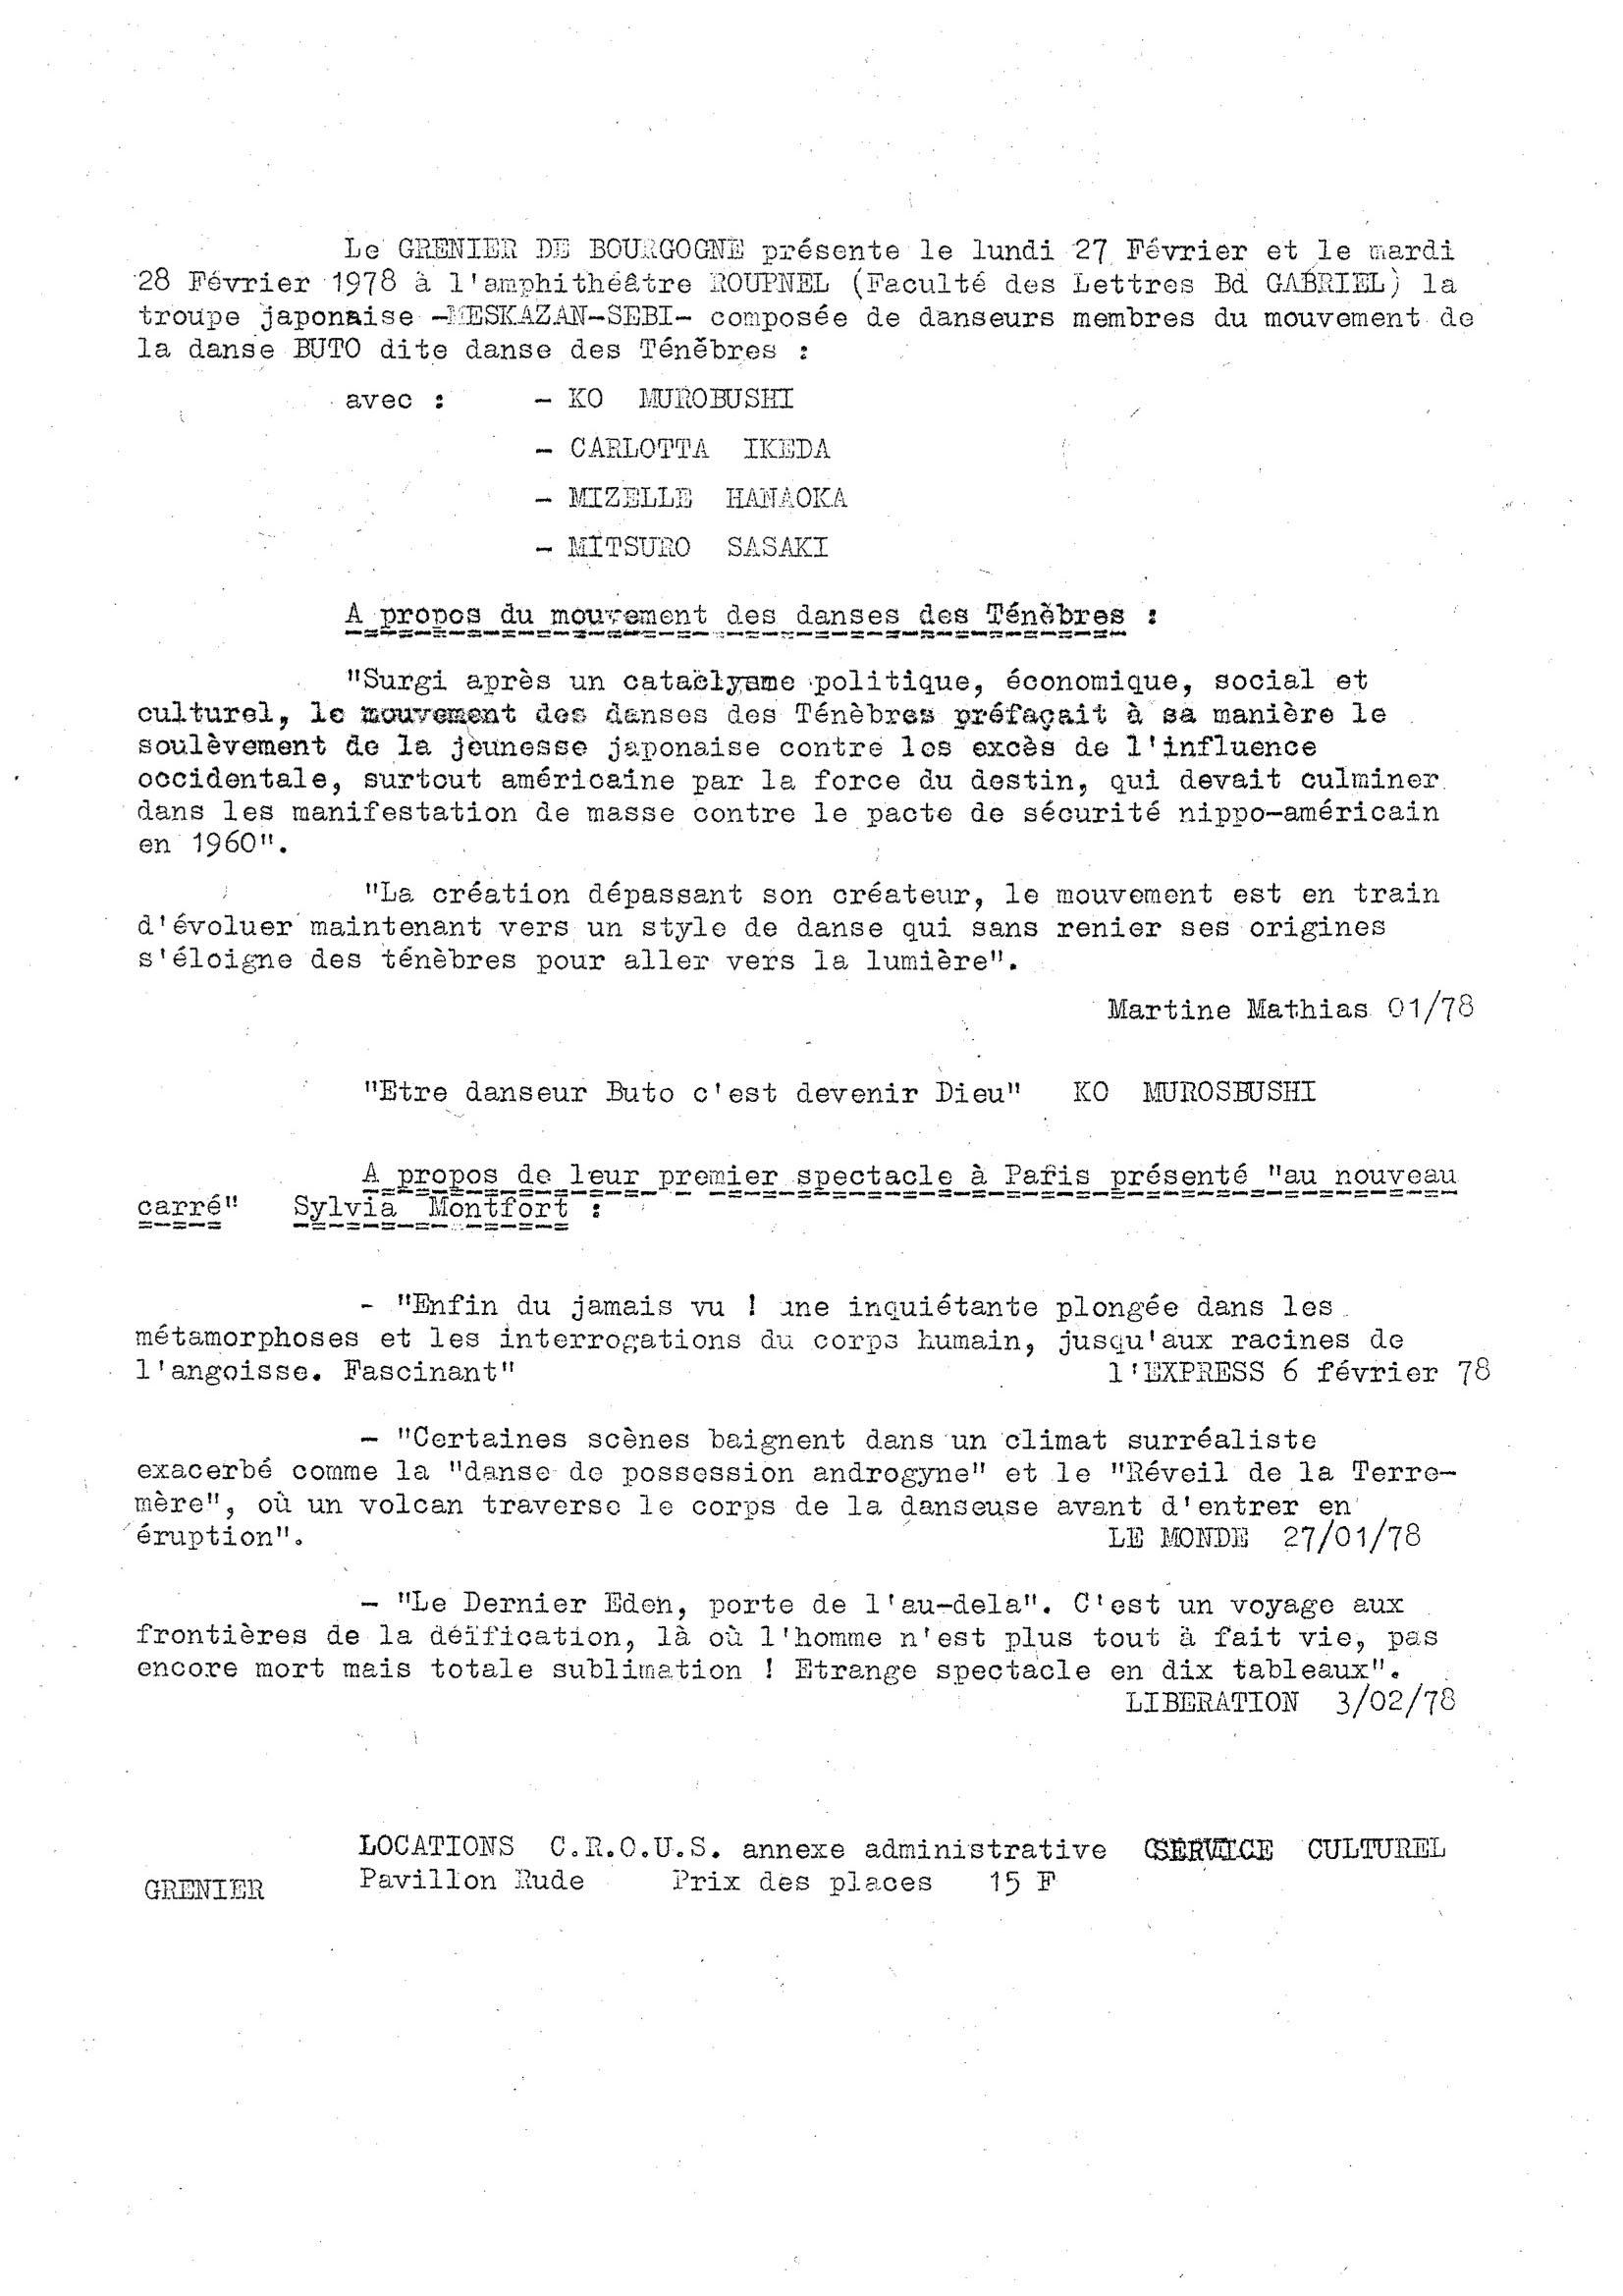 lpn nursing resume sles file clerk resume cover letter